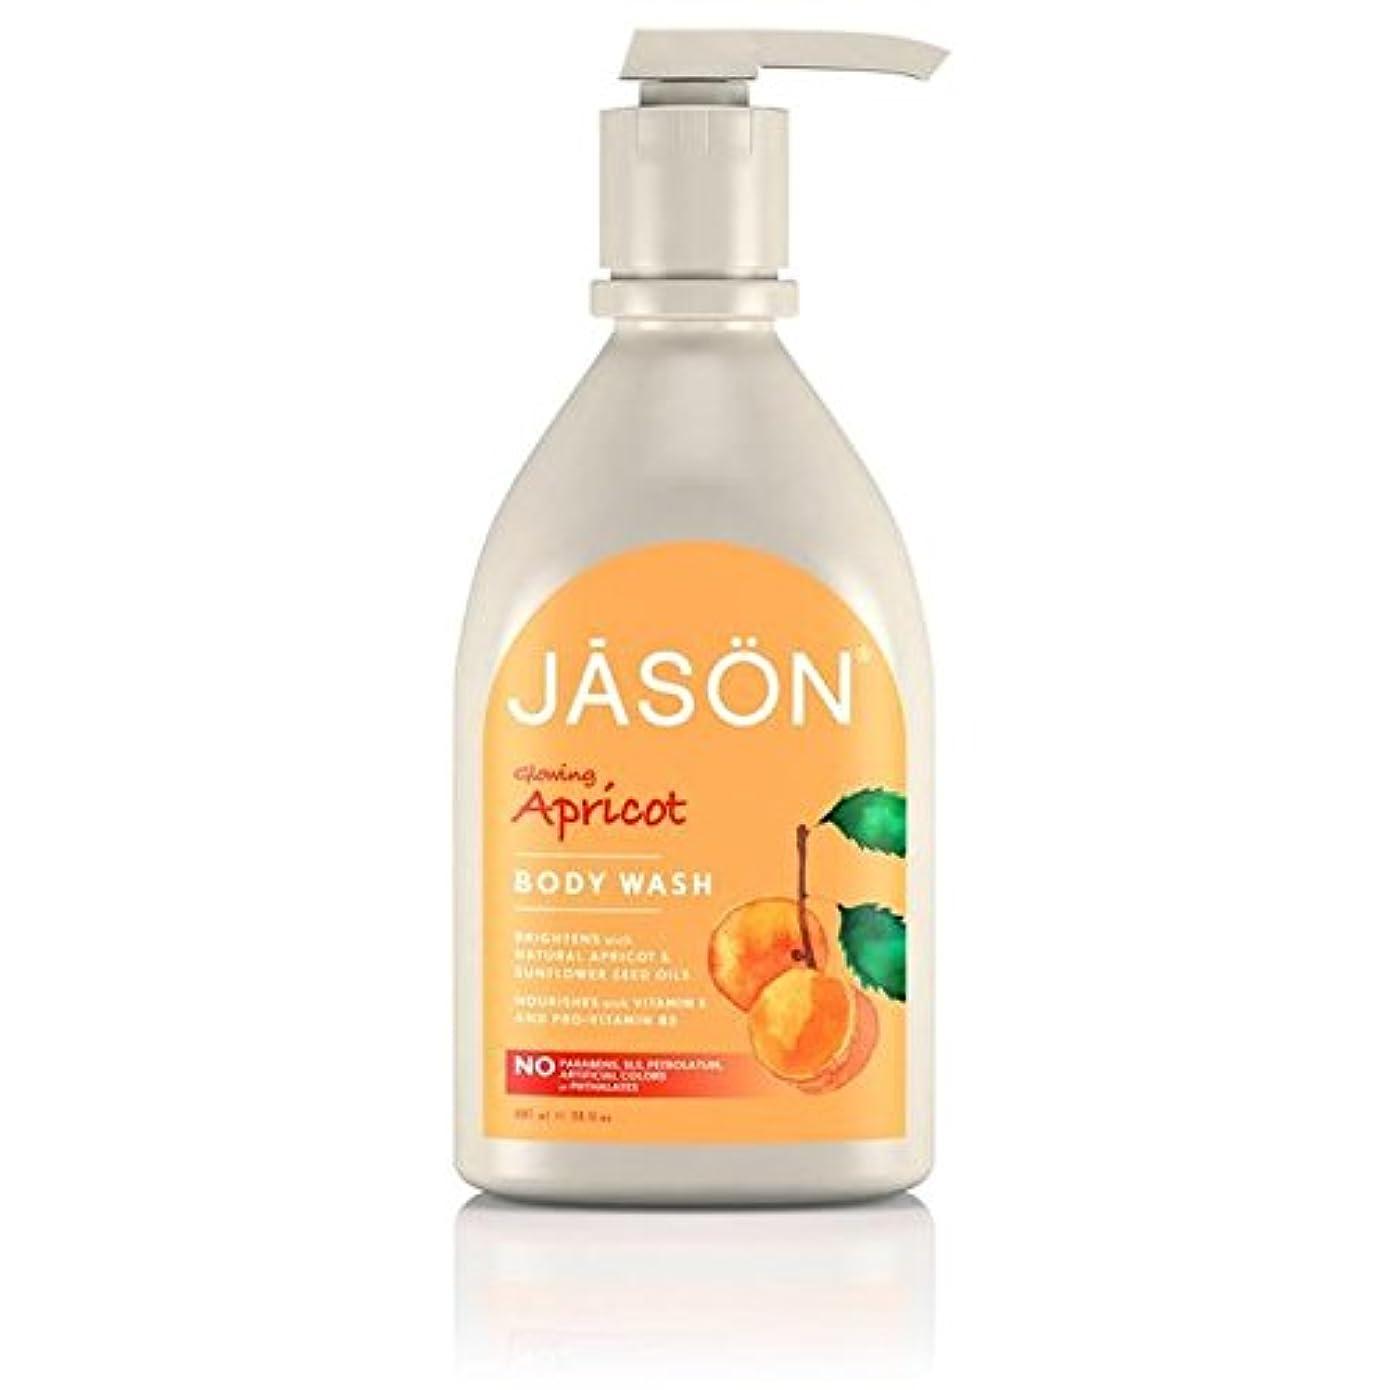 グラフィック拍車表現ジェイソン?アプリコットサテンボディウォッシュポンプ900ミリリットル x2 - Jason Apricot Satin Body Wash Pump 900ml (Pack of 2) [並行輸入品]